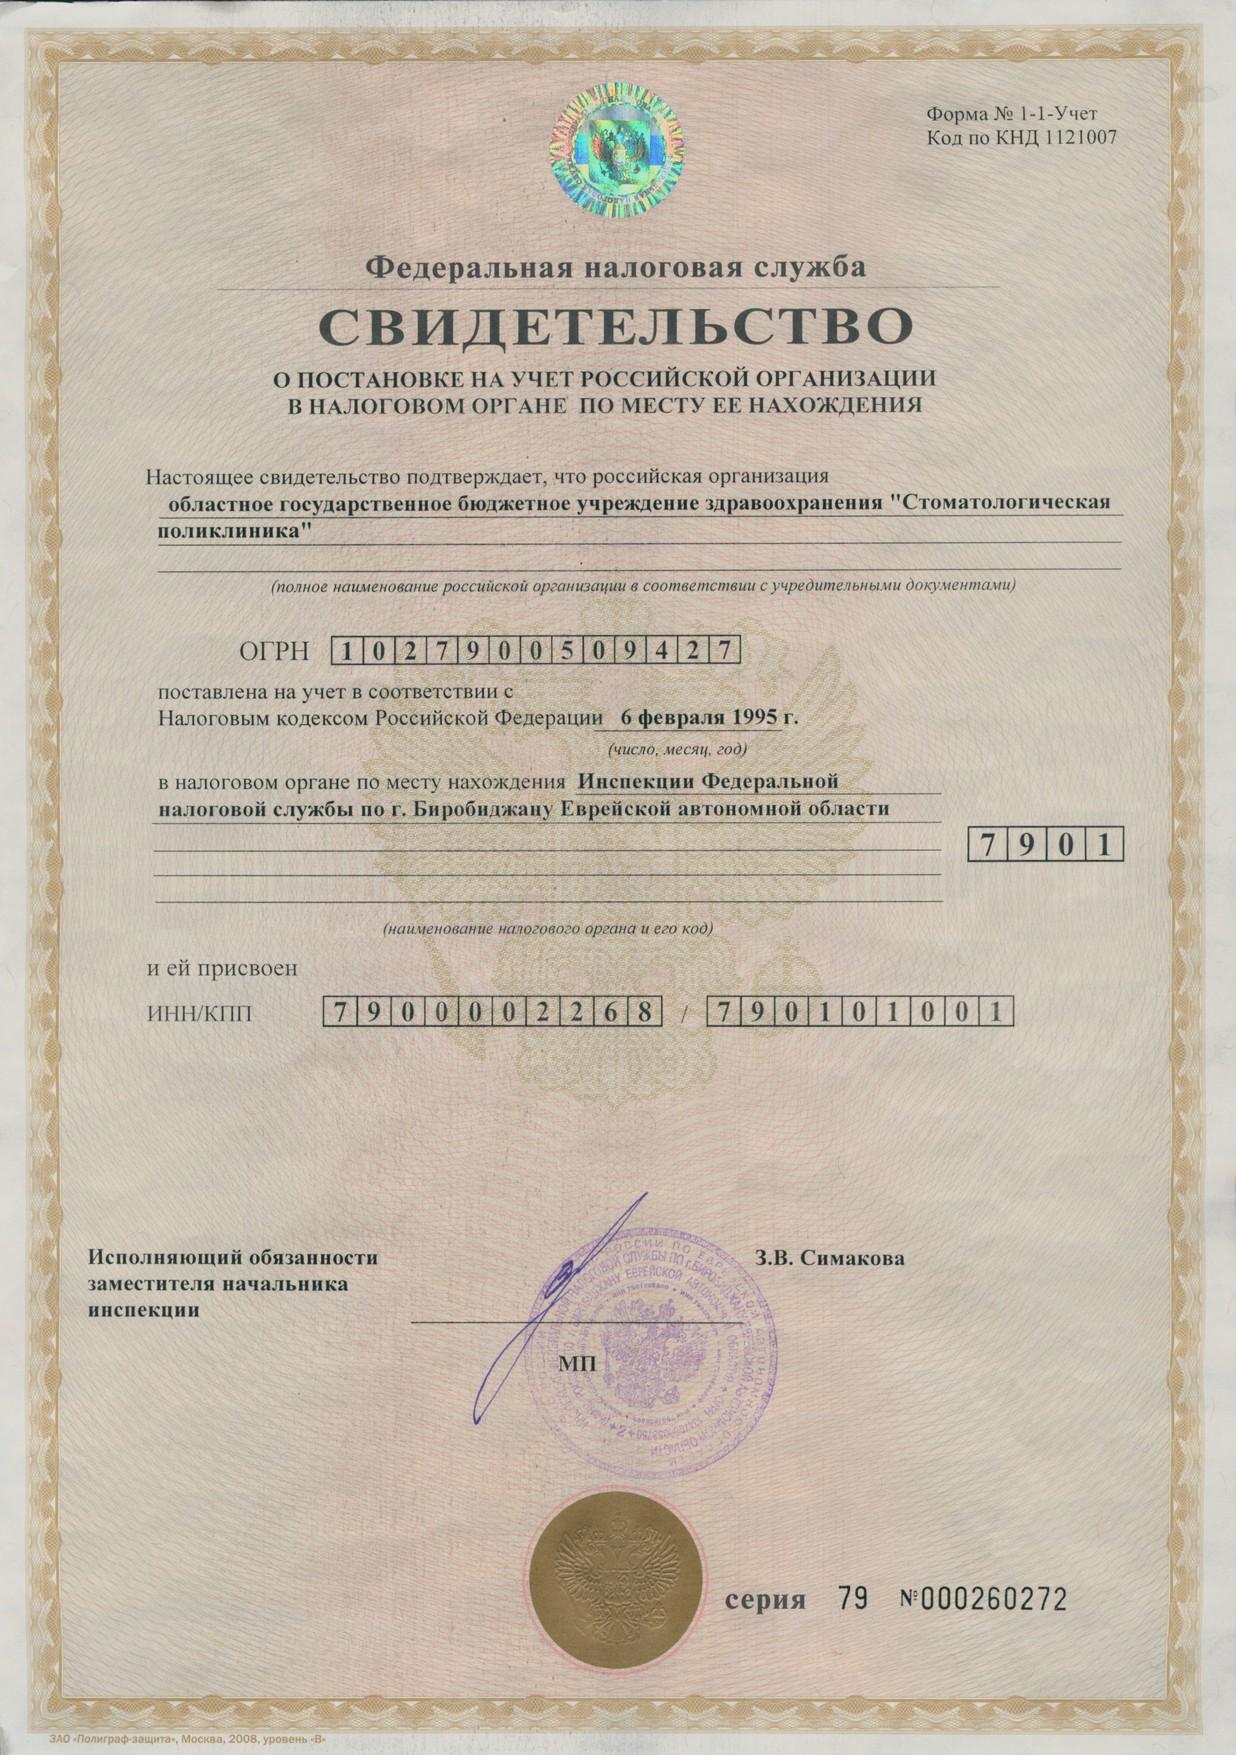 свою дата государственной регистрации предприятия касались даже